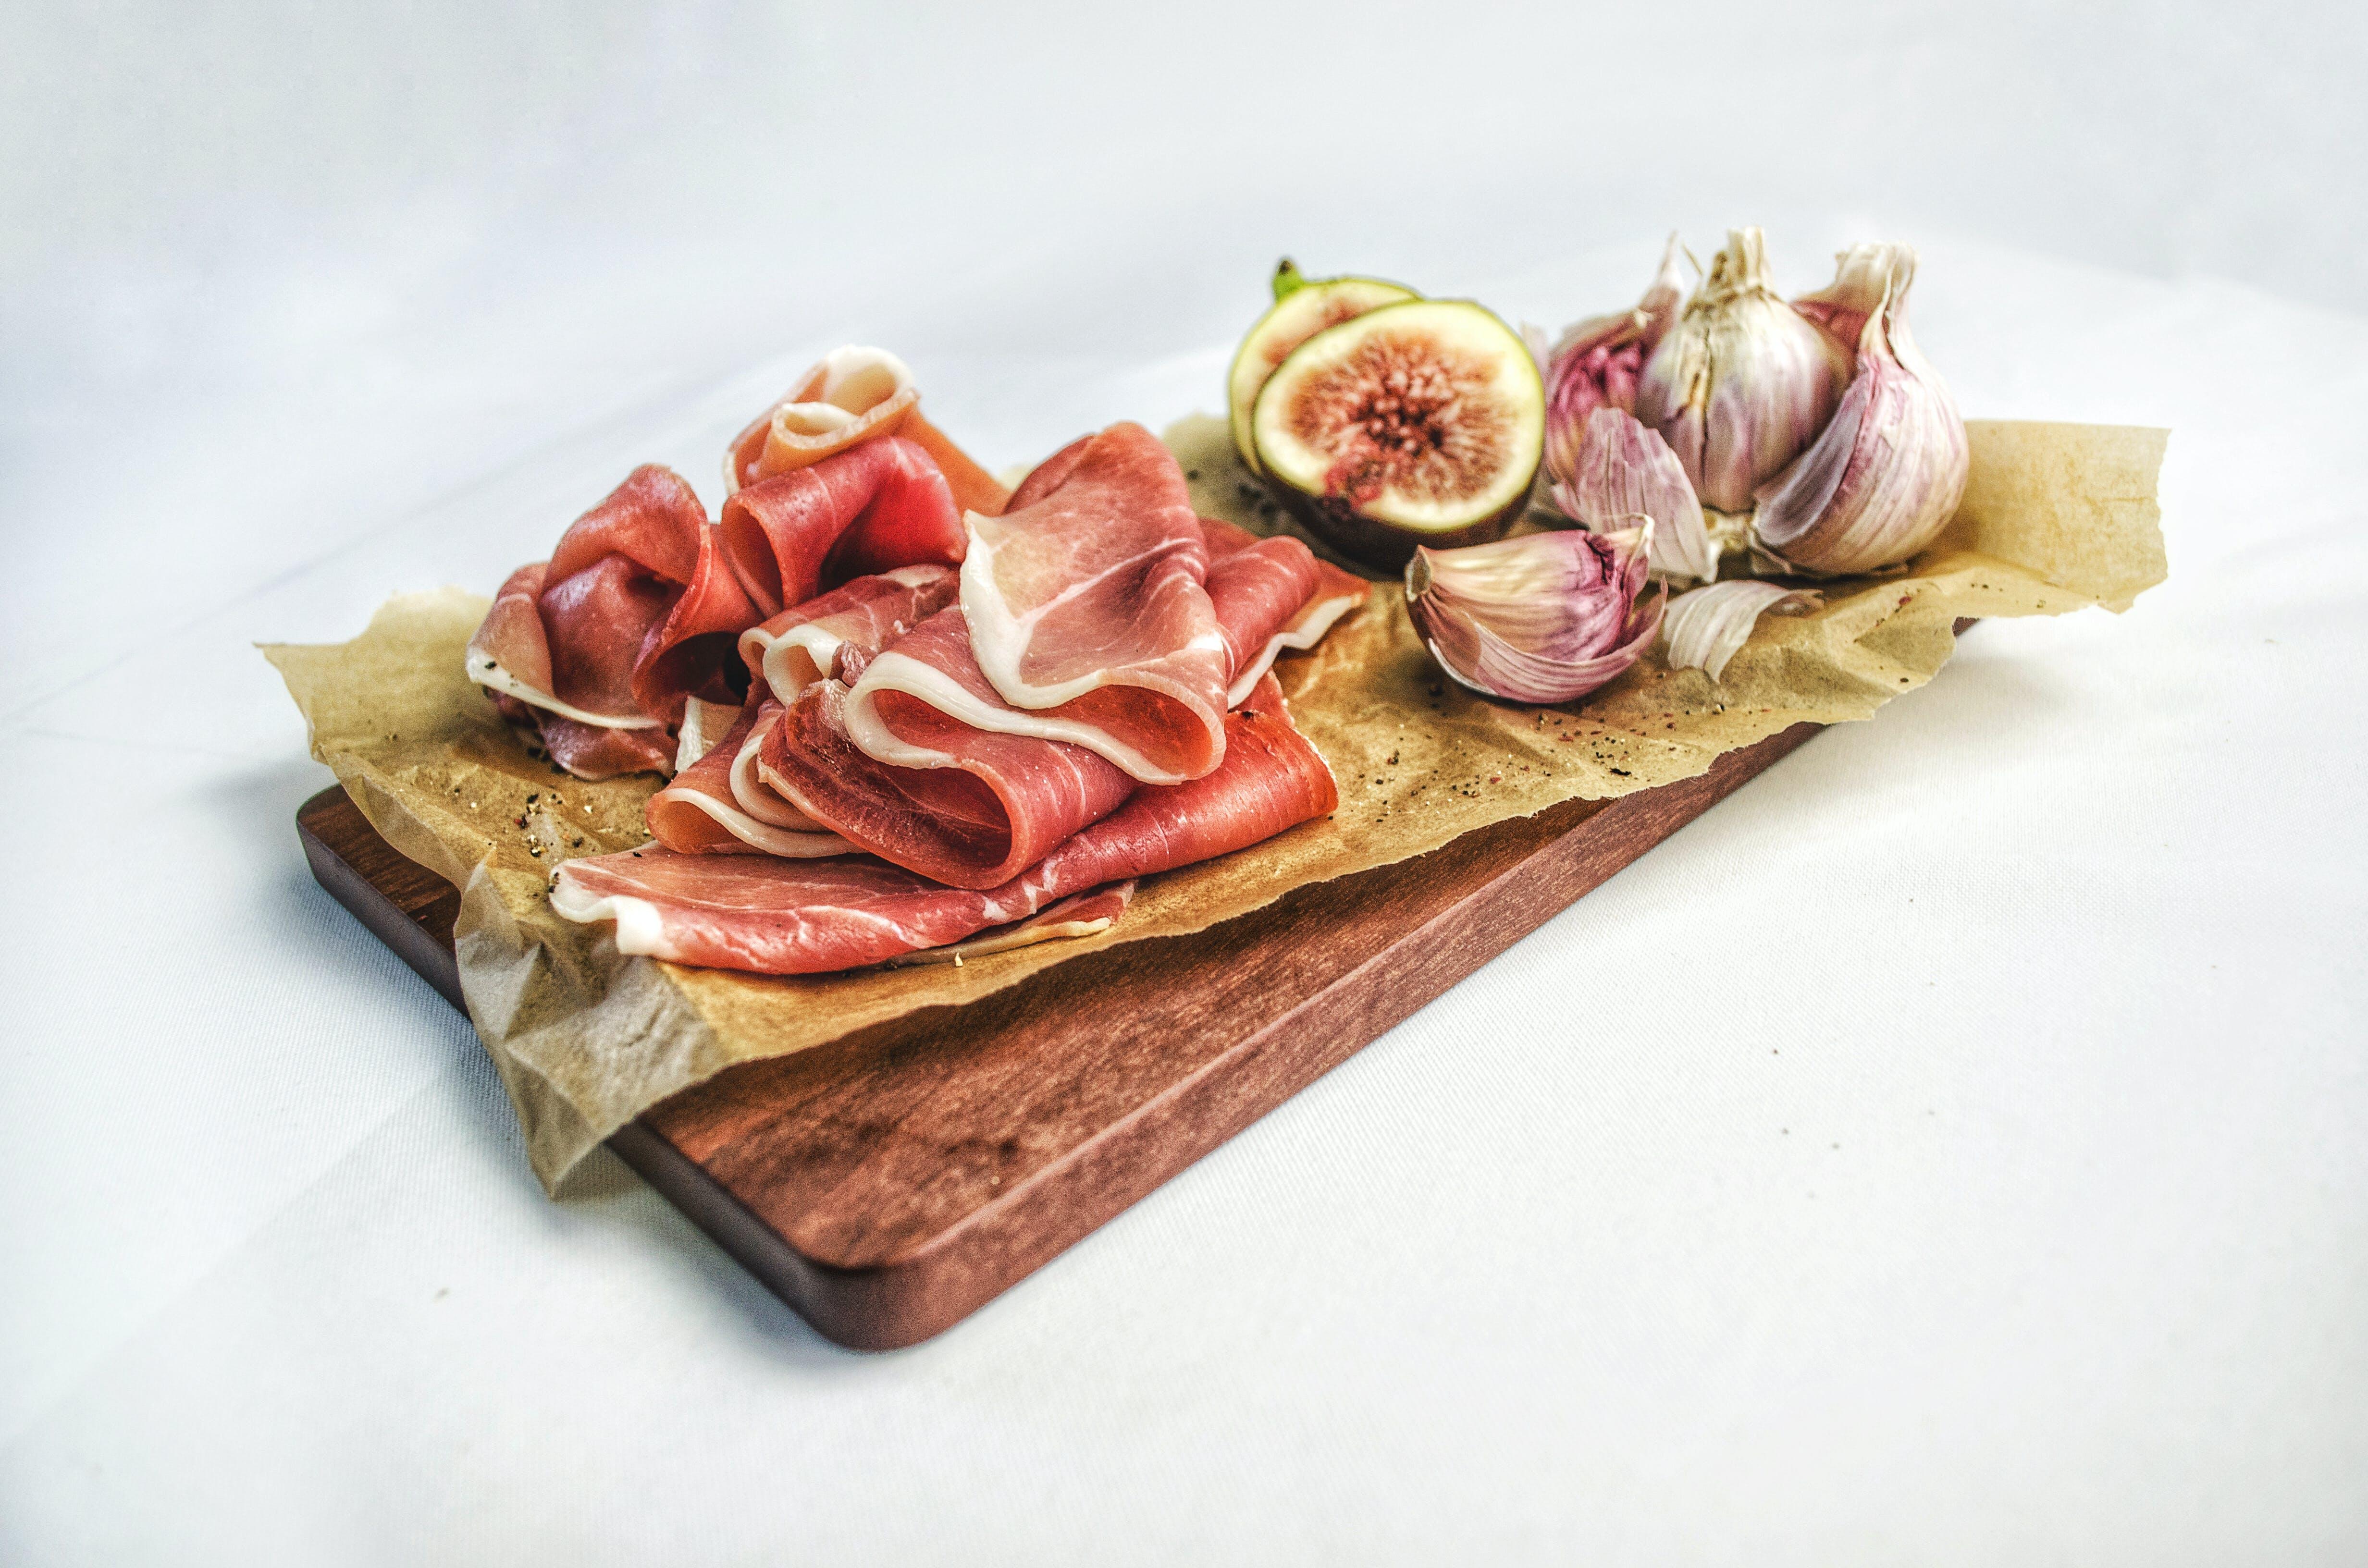 Kostenloses Stock Foto zu essen, fleisch, frucht, genießer